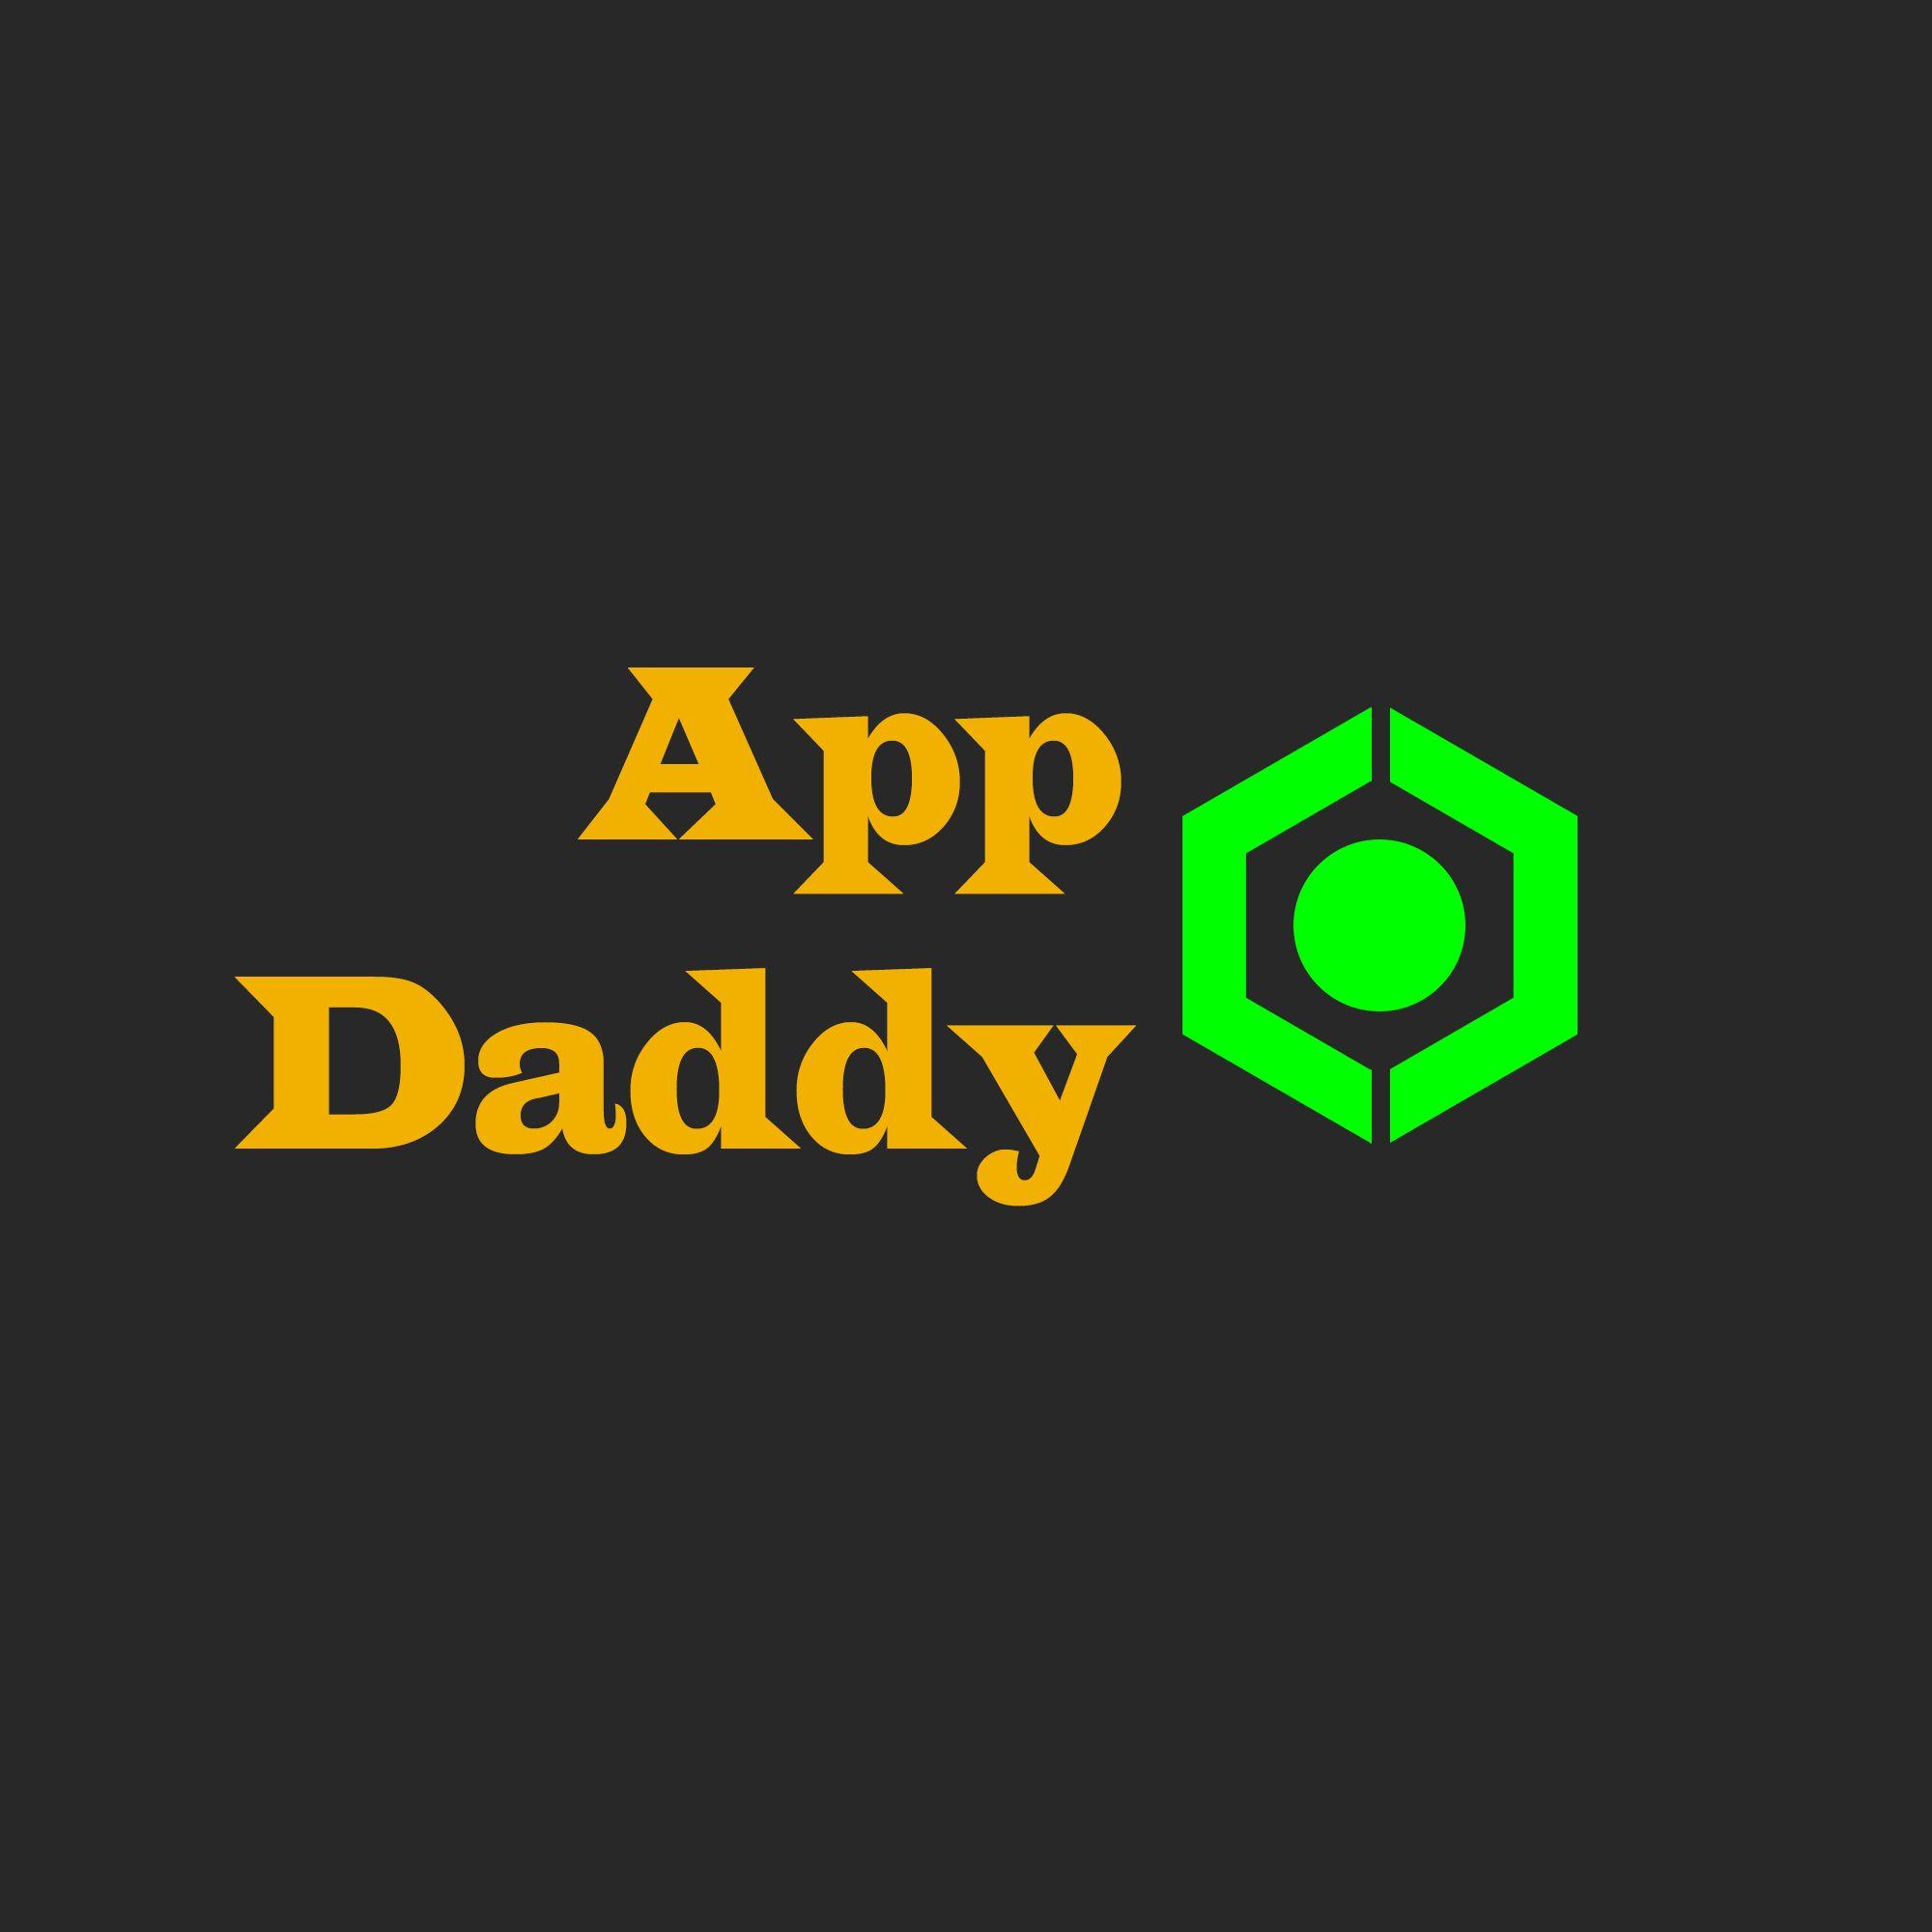 Логотип для сайта-приложения-компании - дизайнер Xenon_J